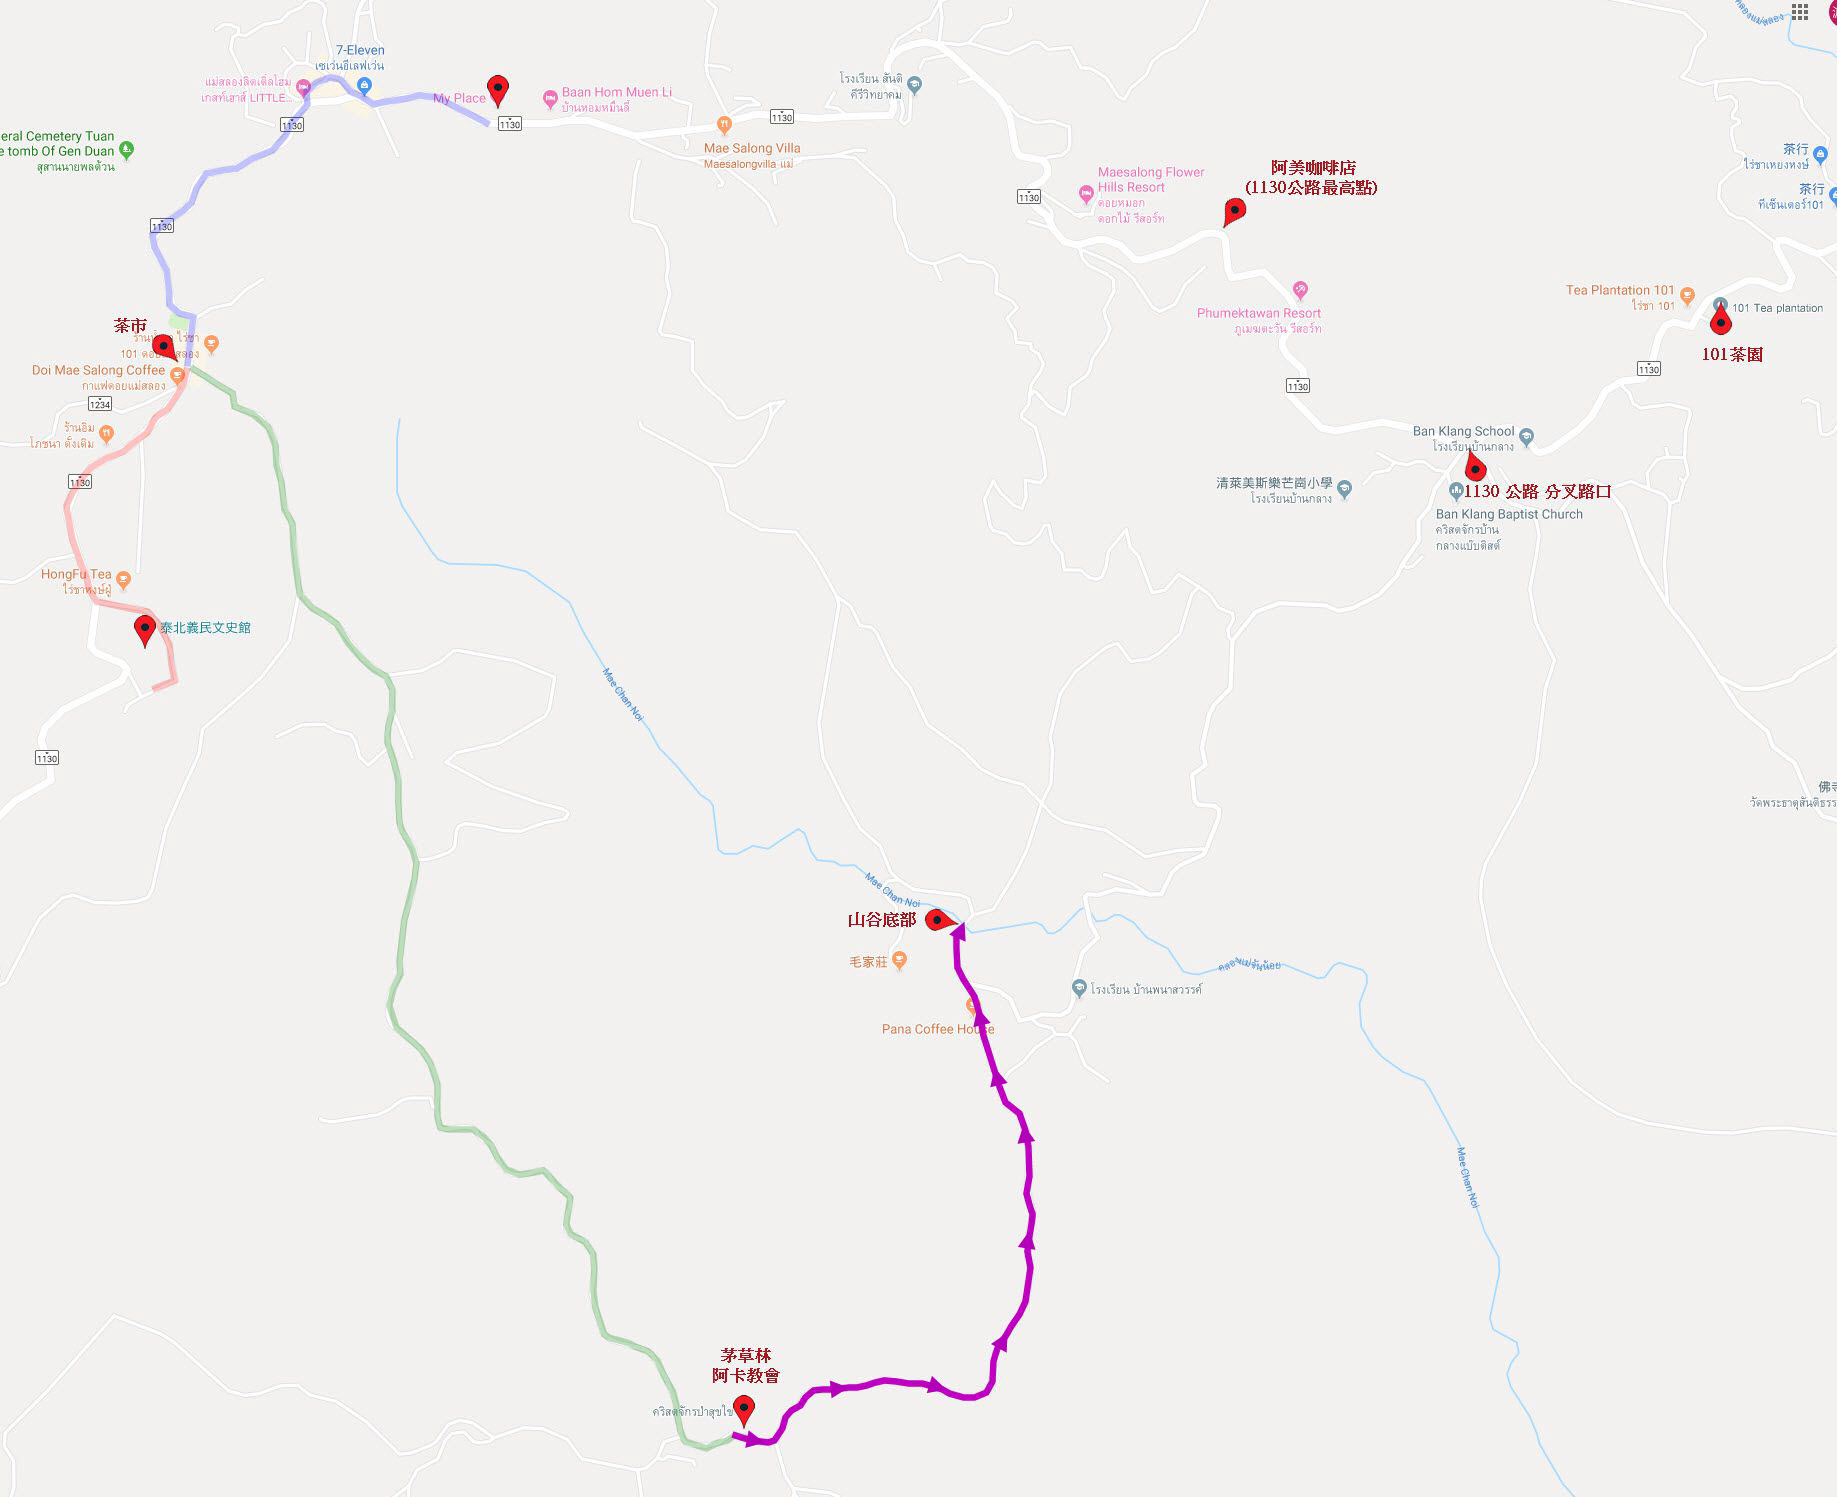 美斯樂攀山越谷遠足路線 第四段